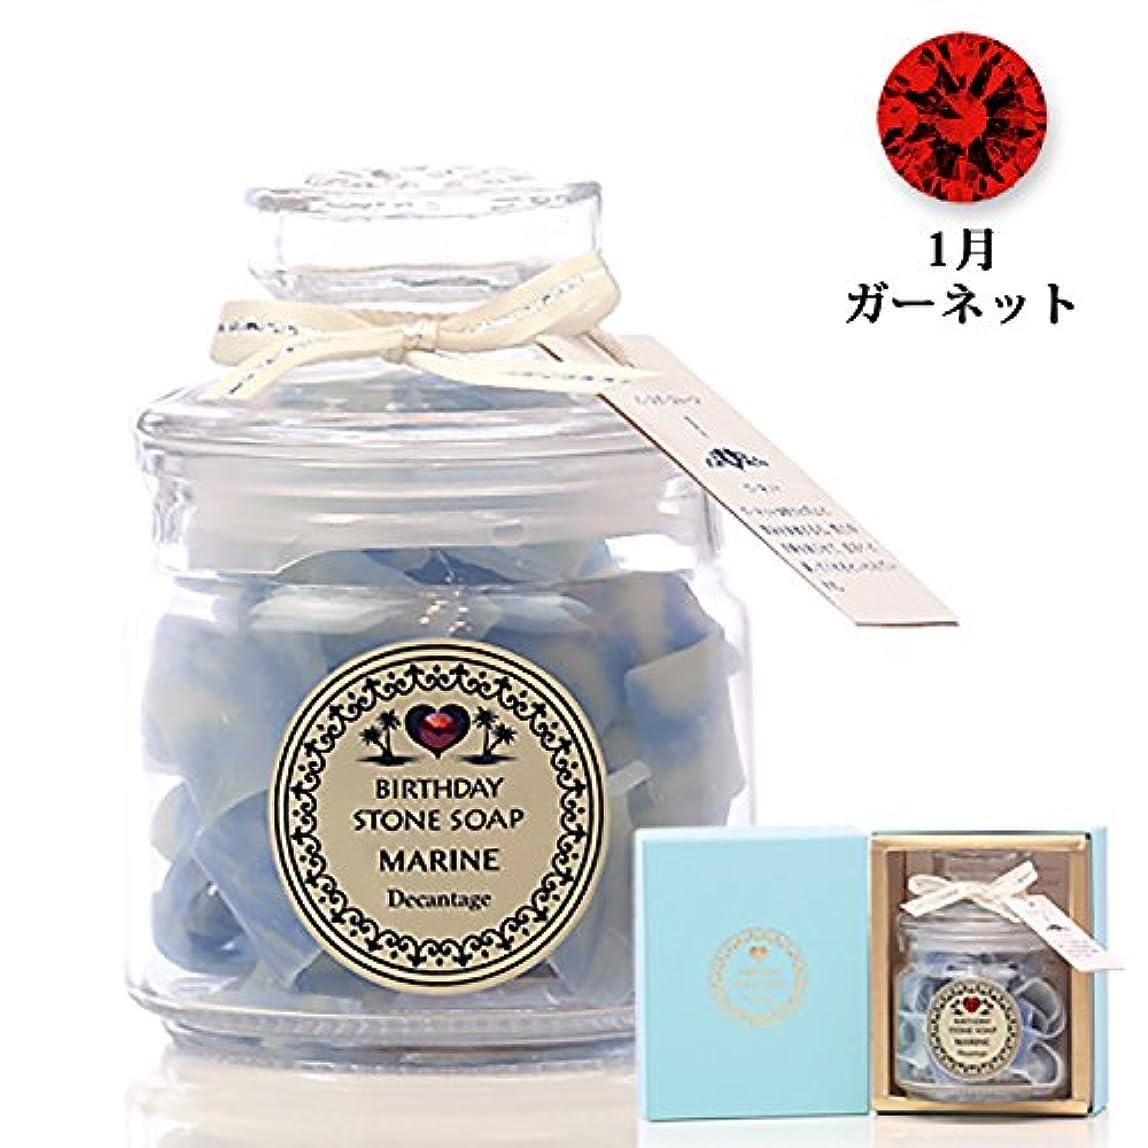 中性食器棚保存誕生月で選べる「バースデーストーンソープ マリン」1月誕生石(ガーネット) プルメリアの香り